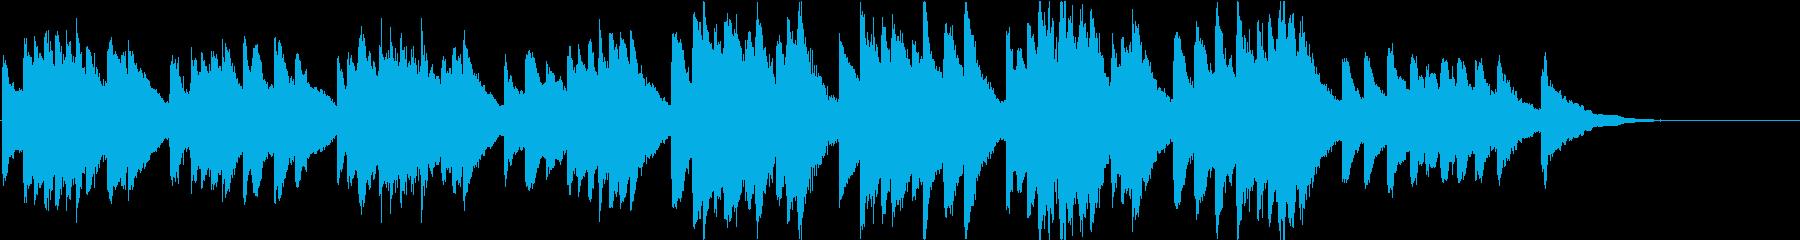 時報・チャイム風の名曲のメロディ・20の再生済みの波形